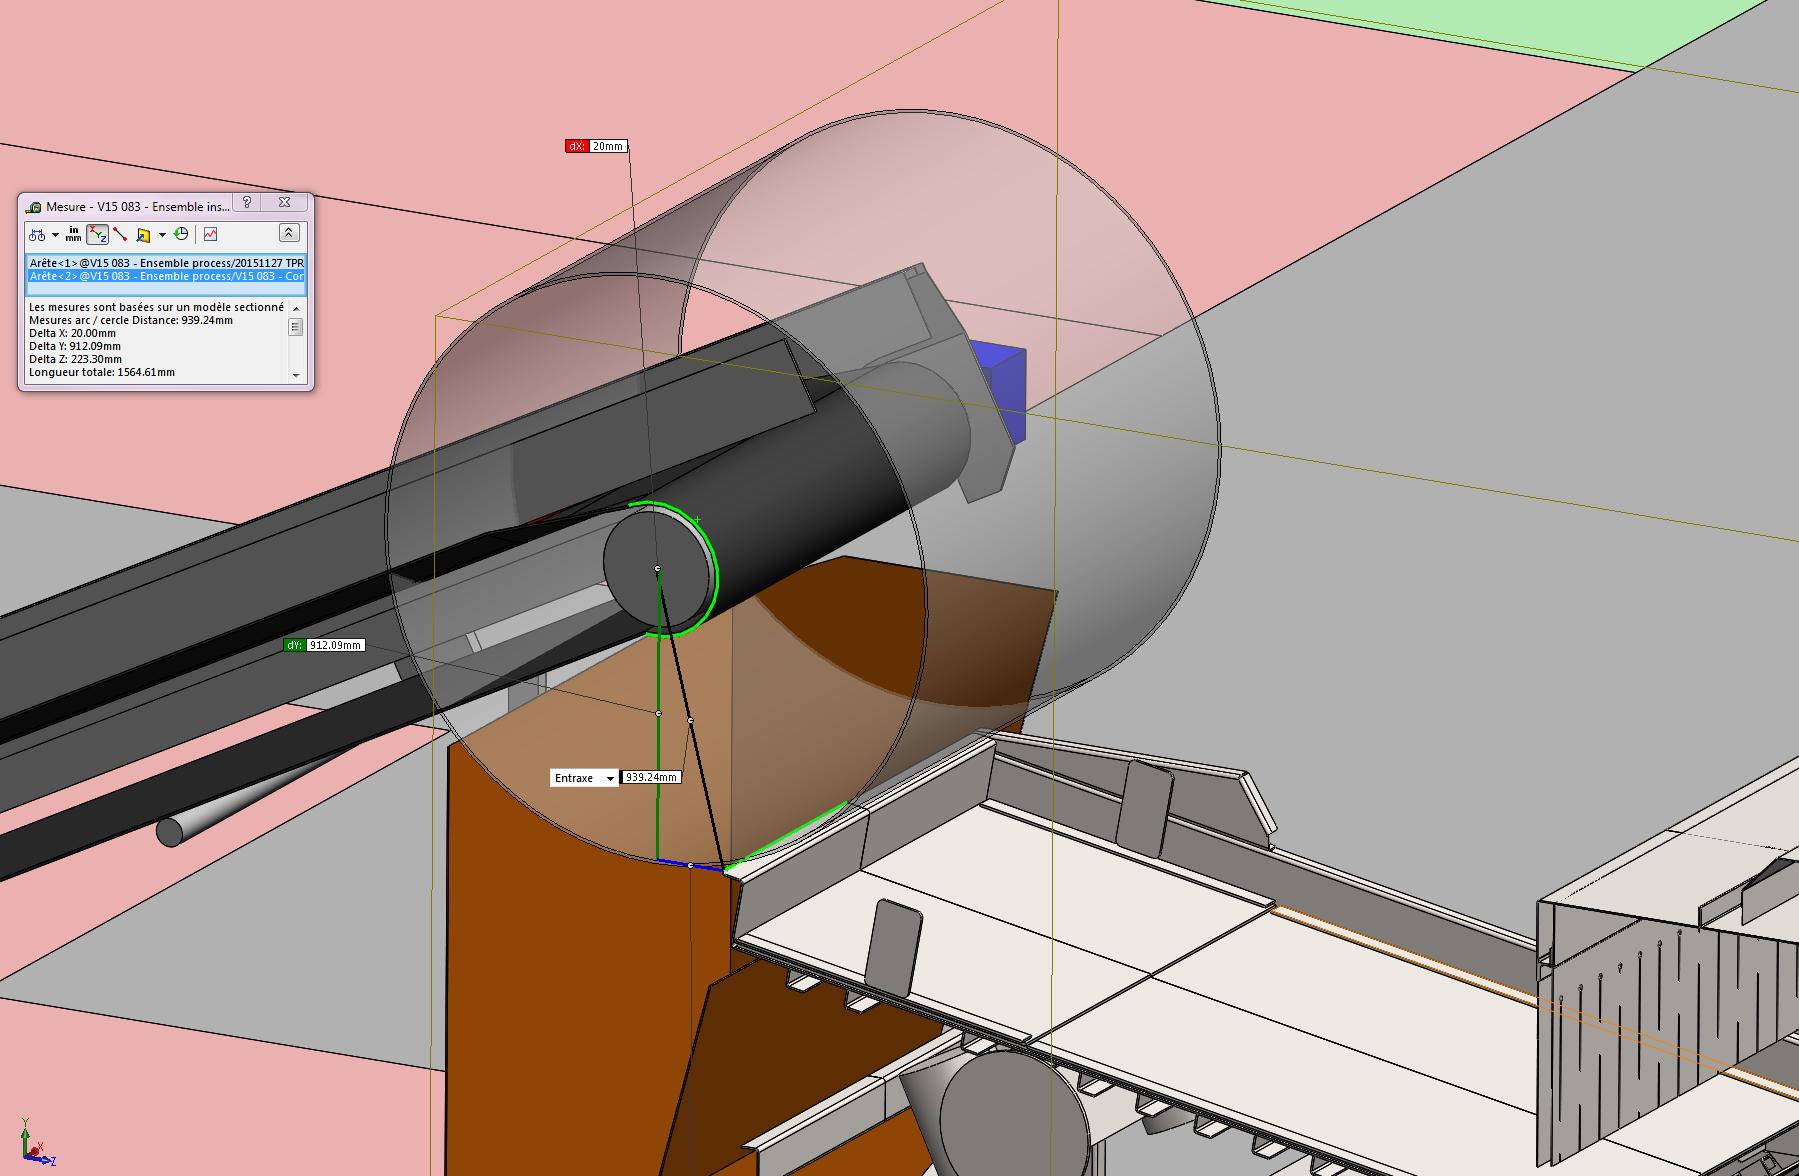 V15 083 - Poulie magnétique - 2 (1)